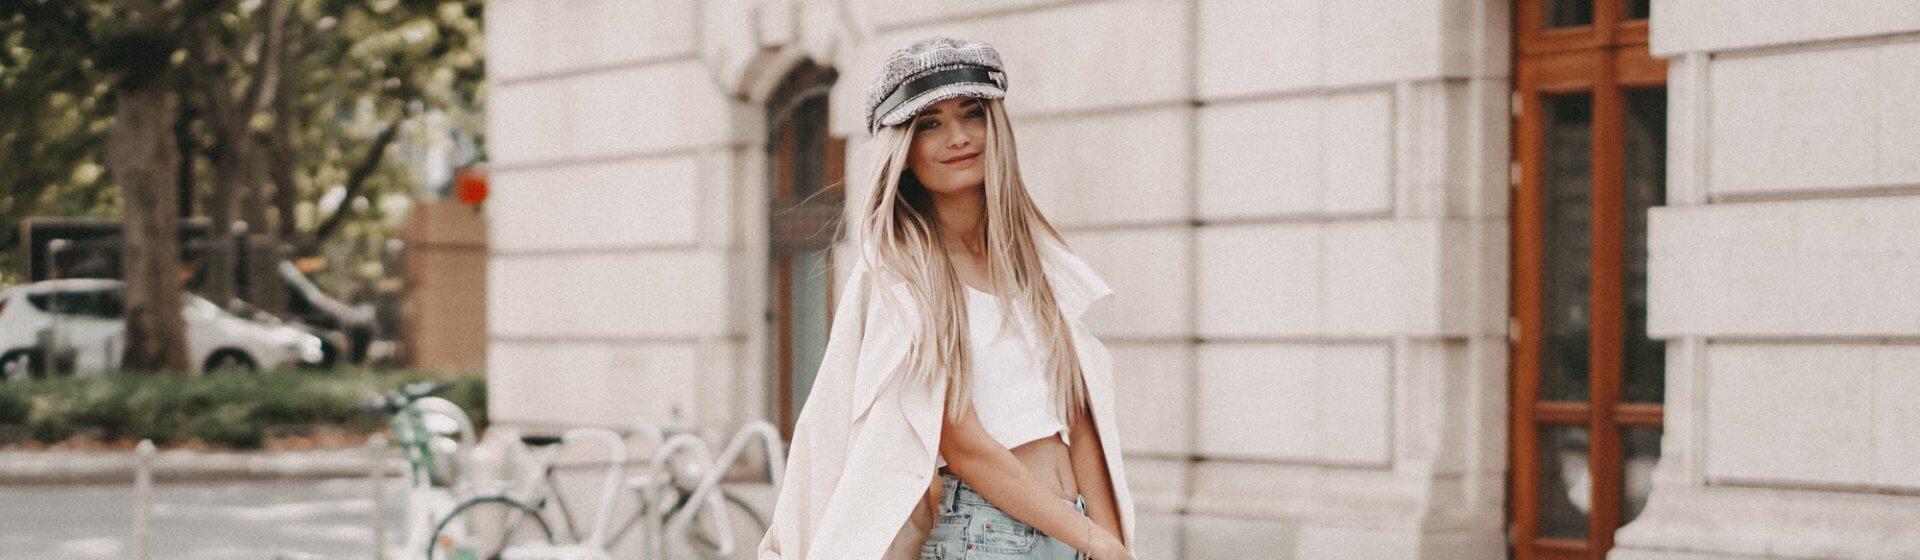 Skandinavischer Streetstyle Outfit Inspiration